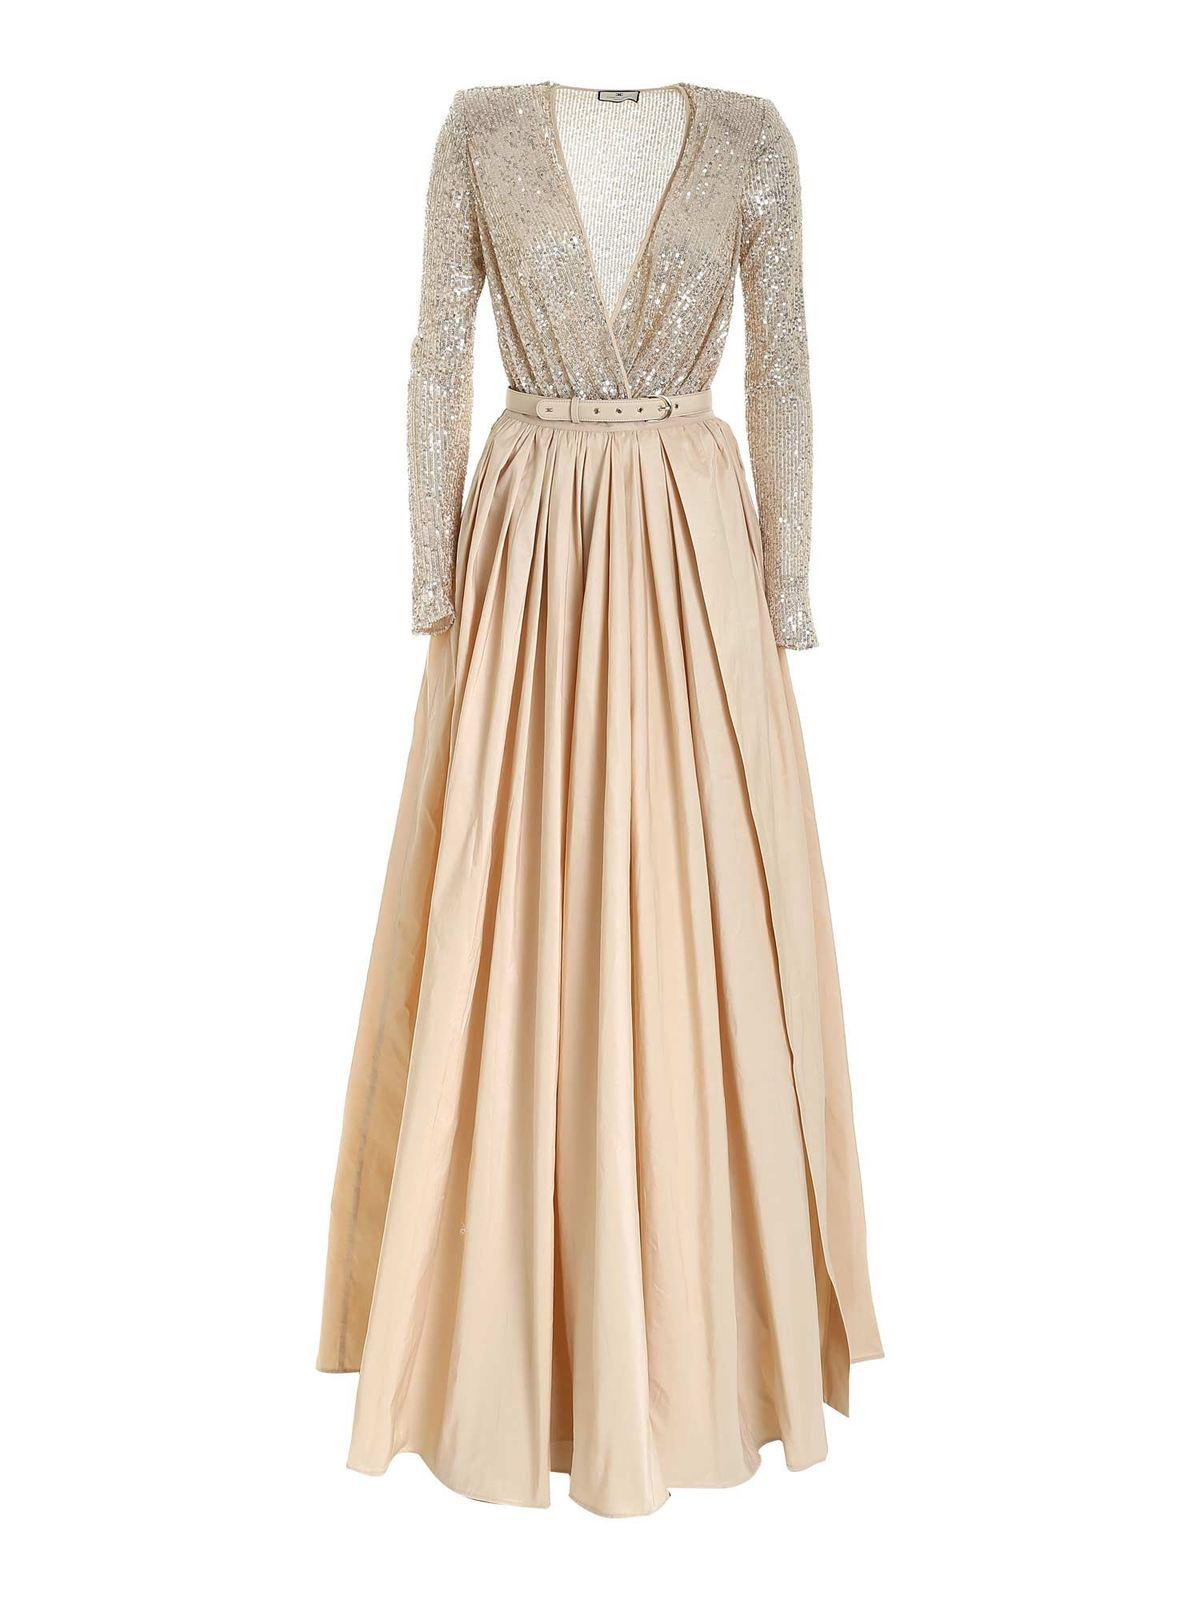 Elisabetta Franchi Dresses SEQUINS LONG DRESS IN BEIGE